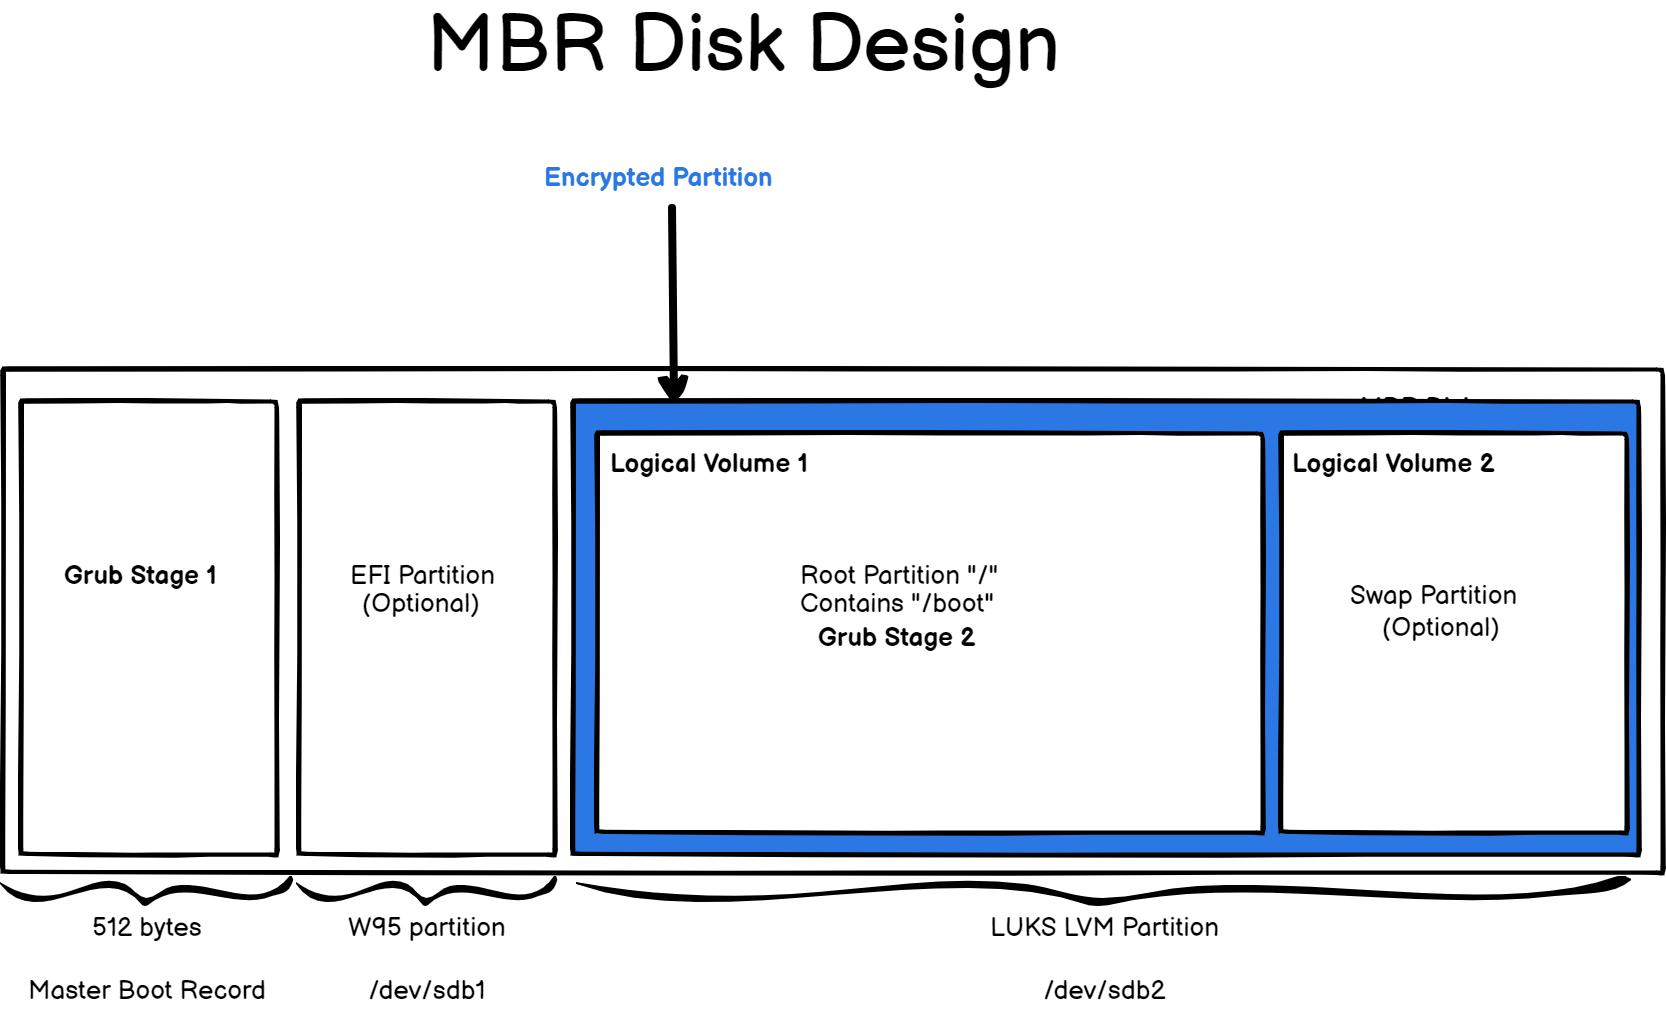 mbr disk design